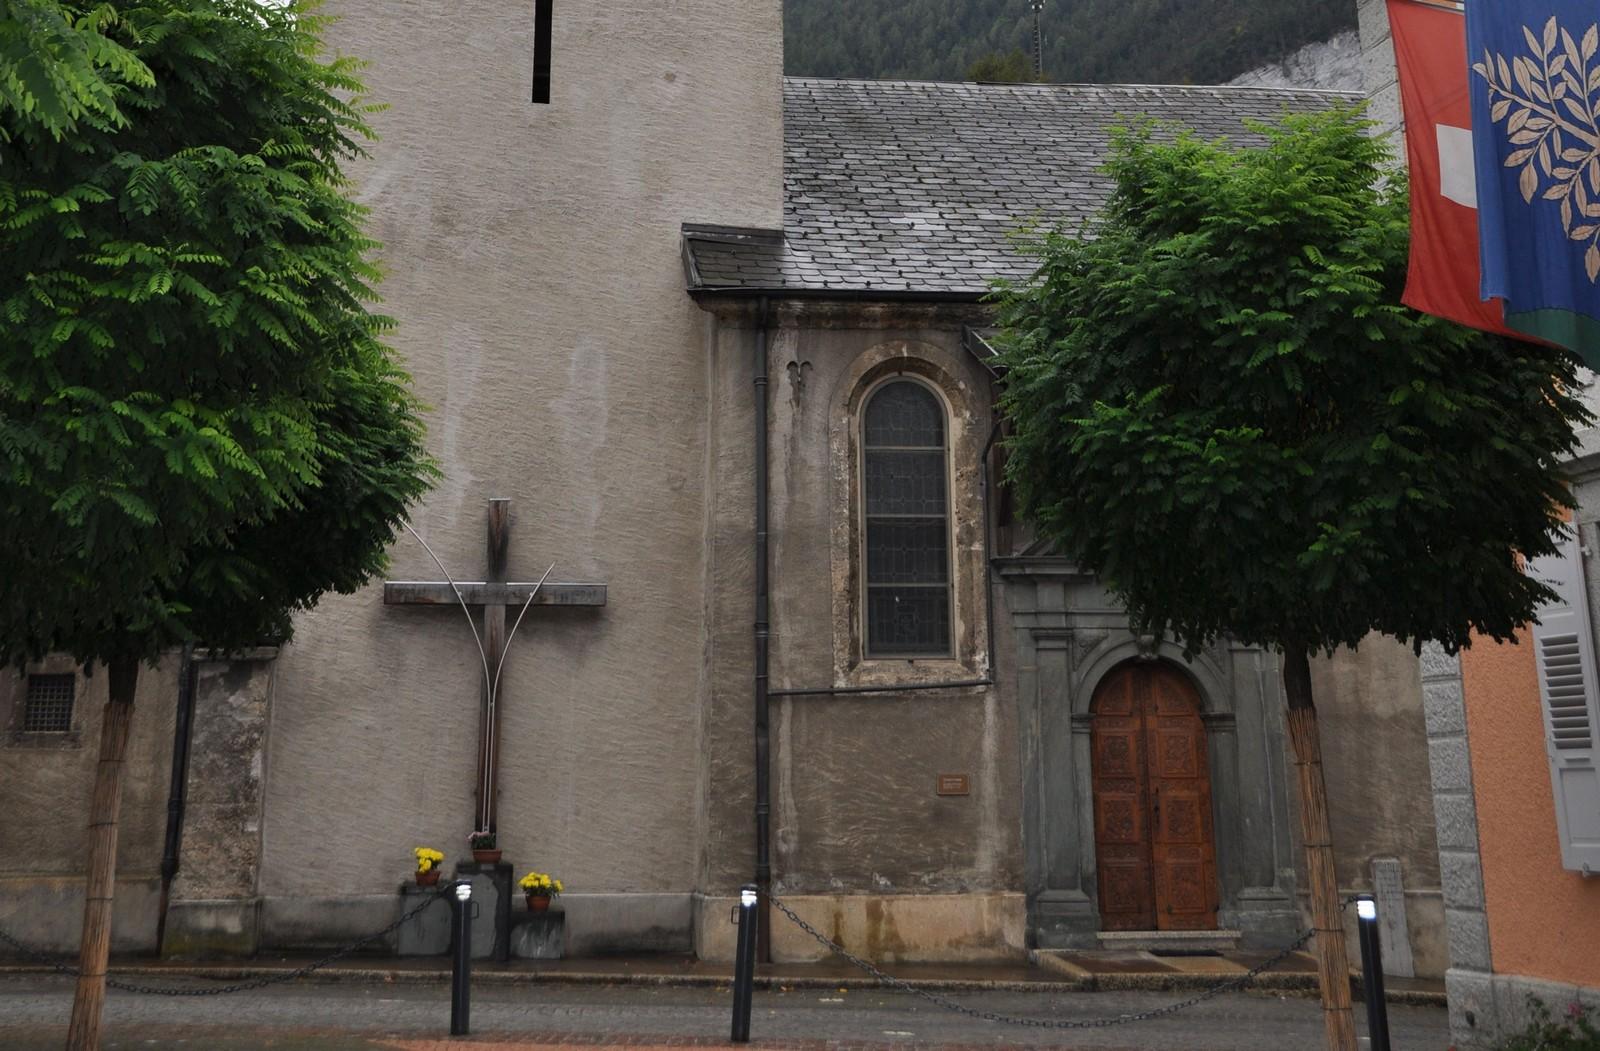 Intercedió para Derrotar a los Saboyanos: Nuestra Señora de las 7 Alegrías de Sembracher, Suiza (13 de noviembre)